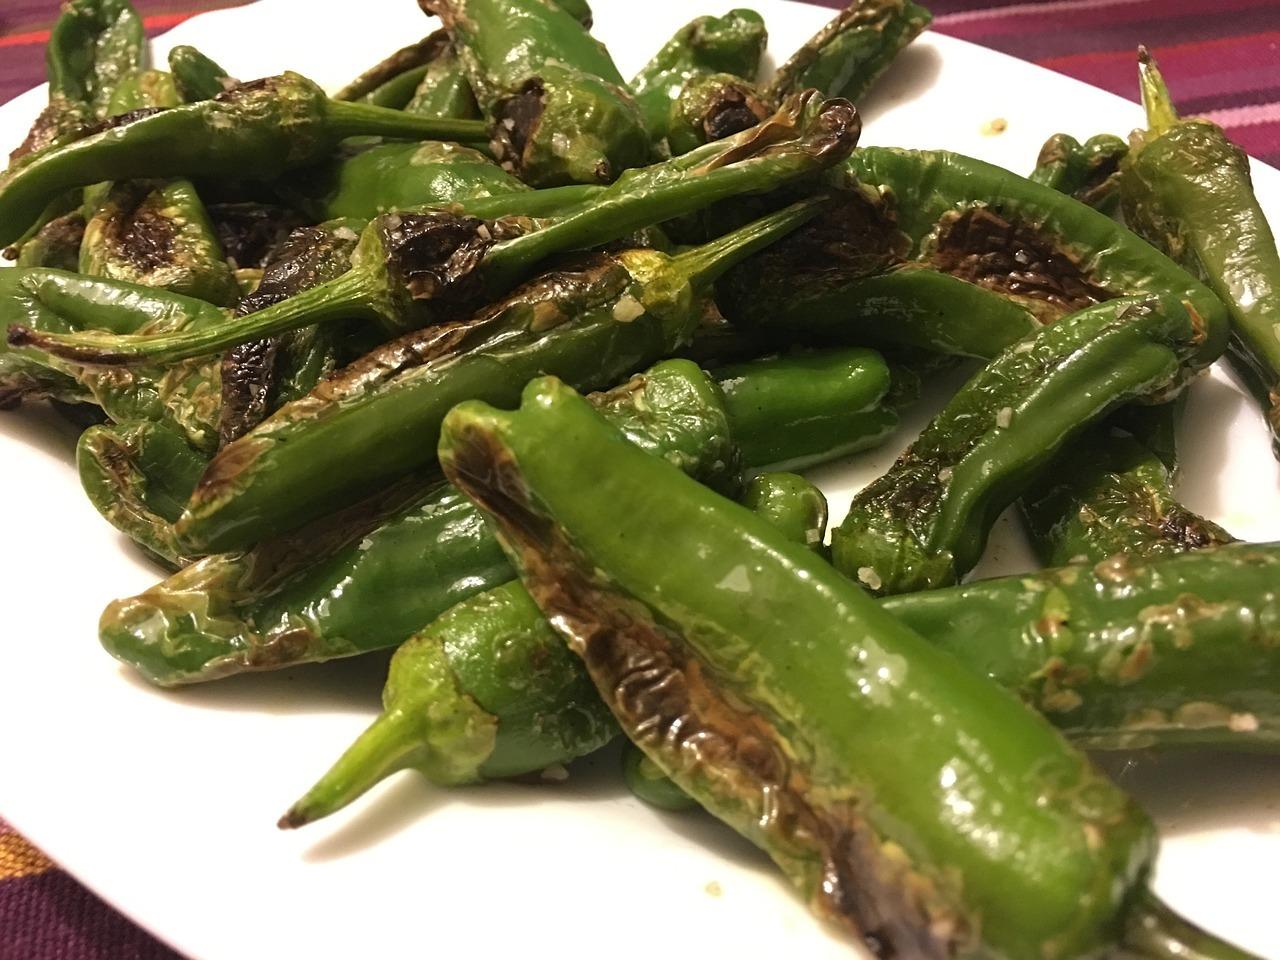 Die kleinen grünen Pimientos sind ein gesunder und schnell gemachter Snack.